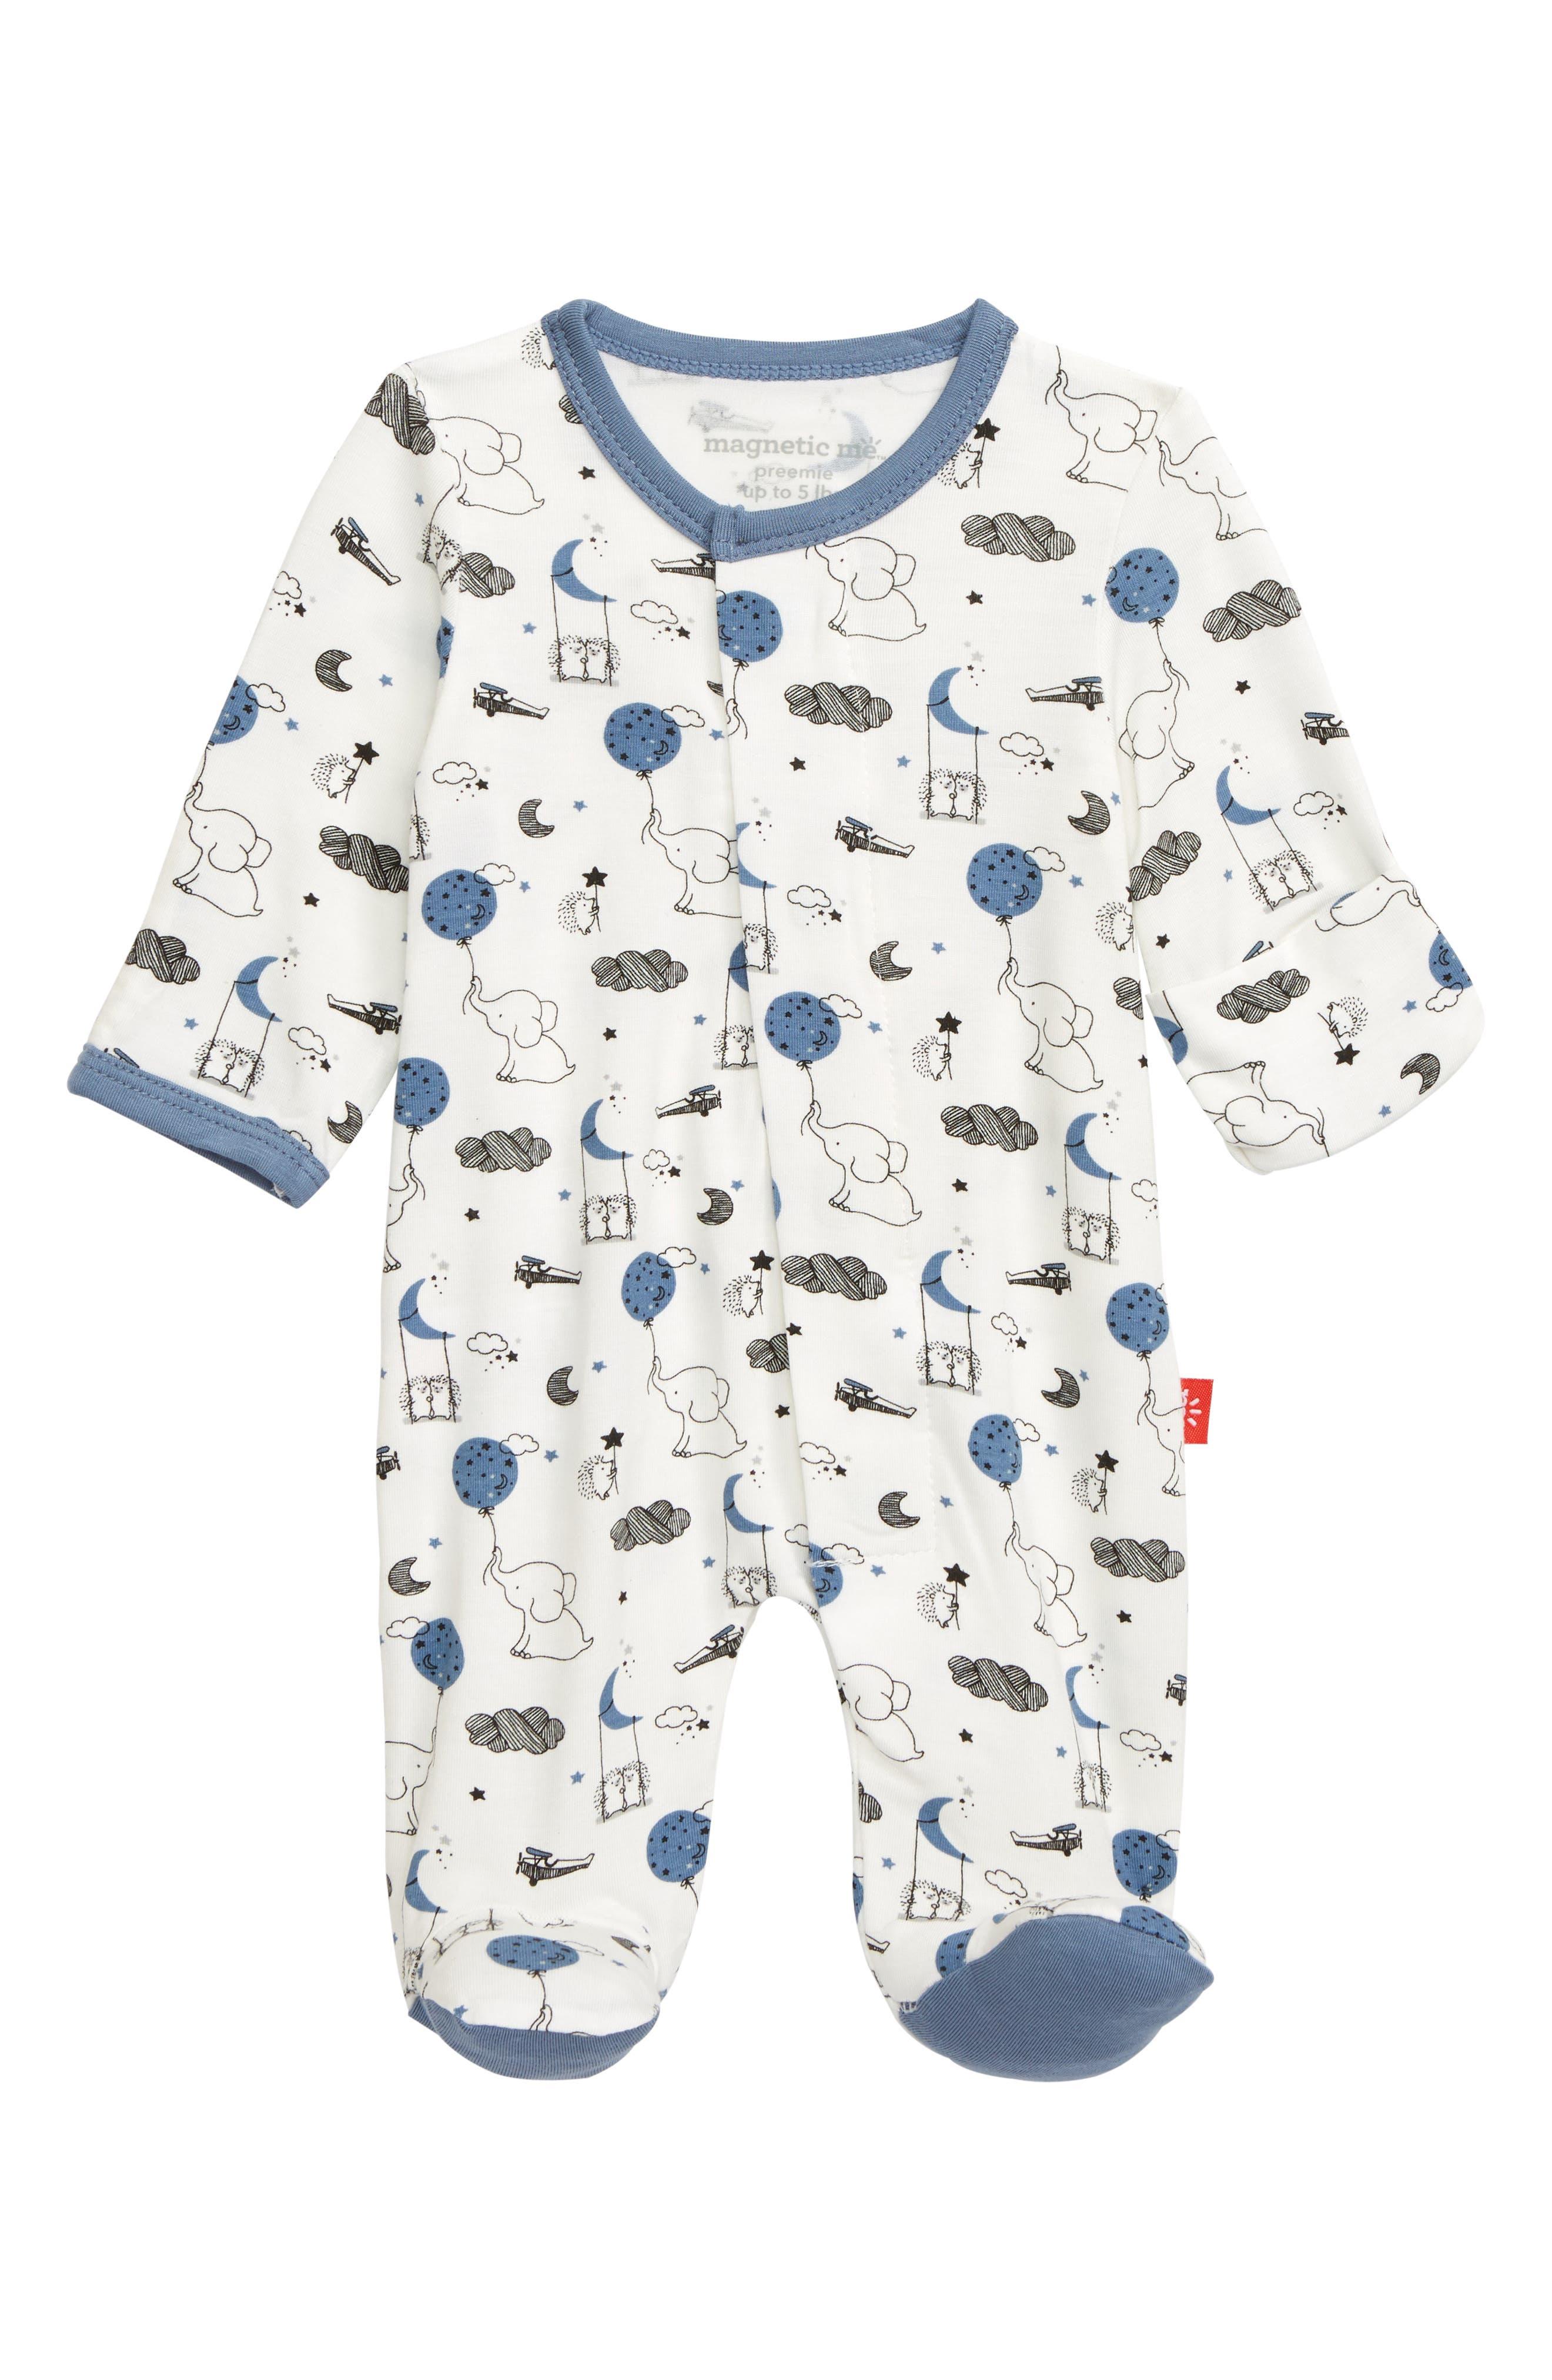 Infant Boys Magnetic Me Skylark Organic Cotton Footie Size 1824M  Blue